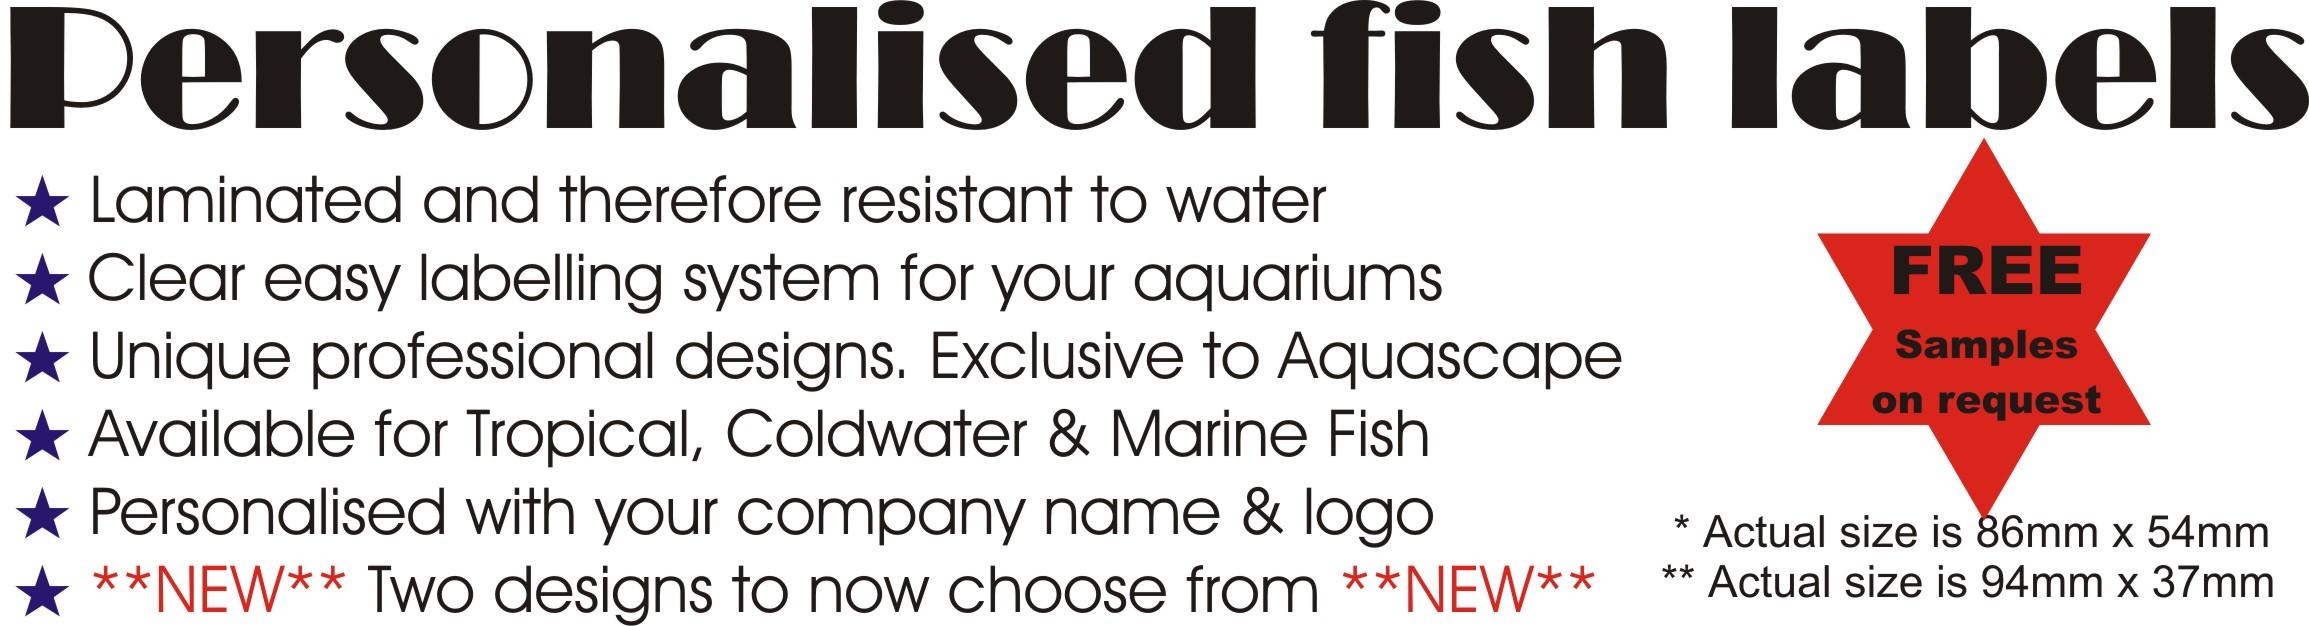 AQUASCAPE FISH IMPORTS - Personalised Aquarium Labels